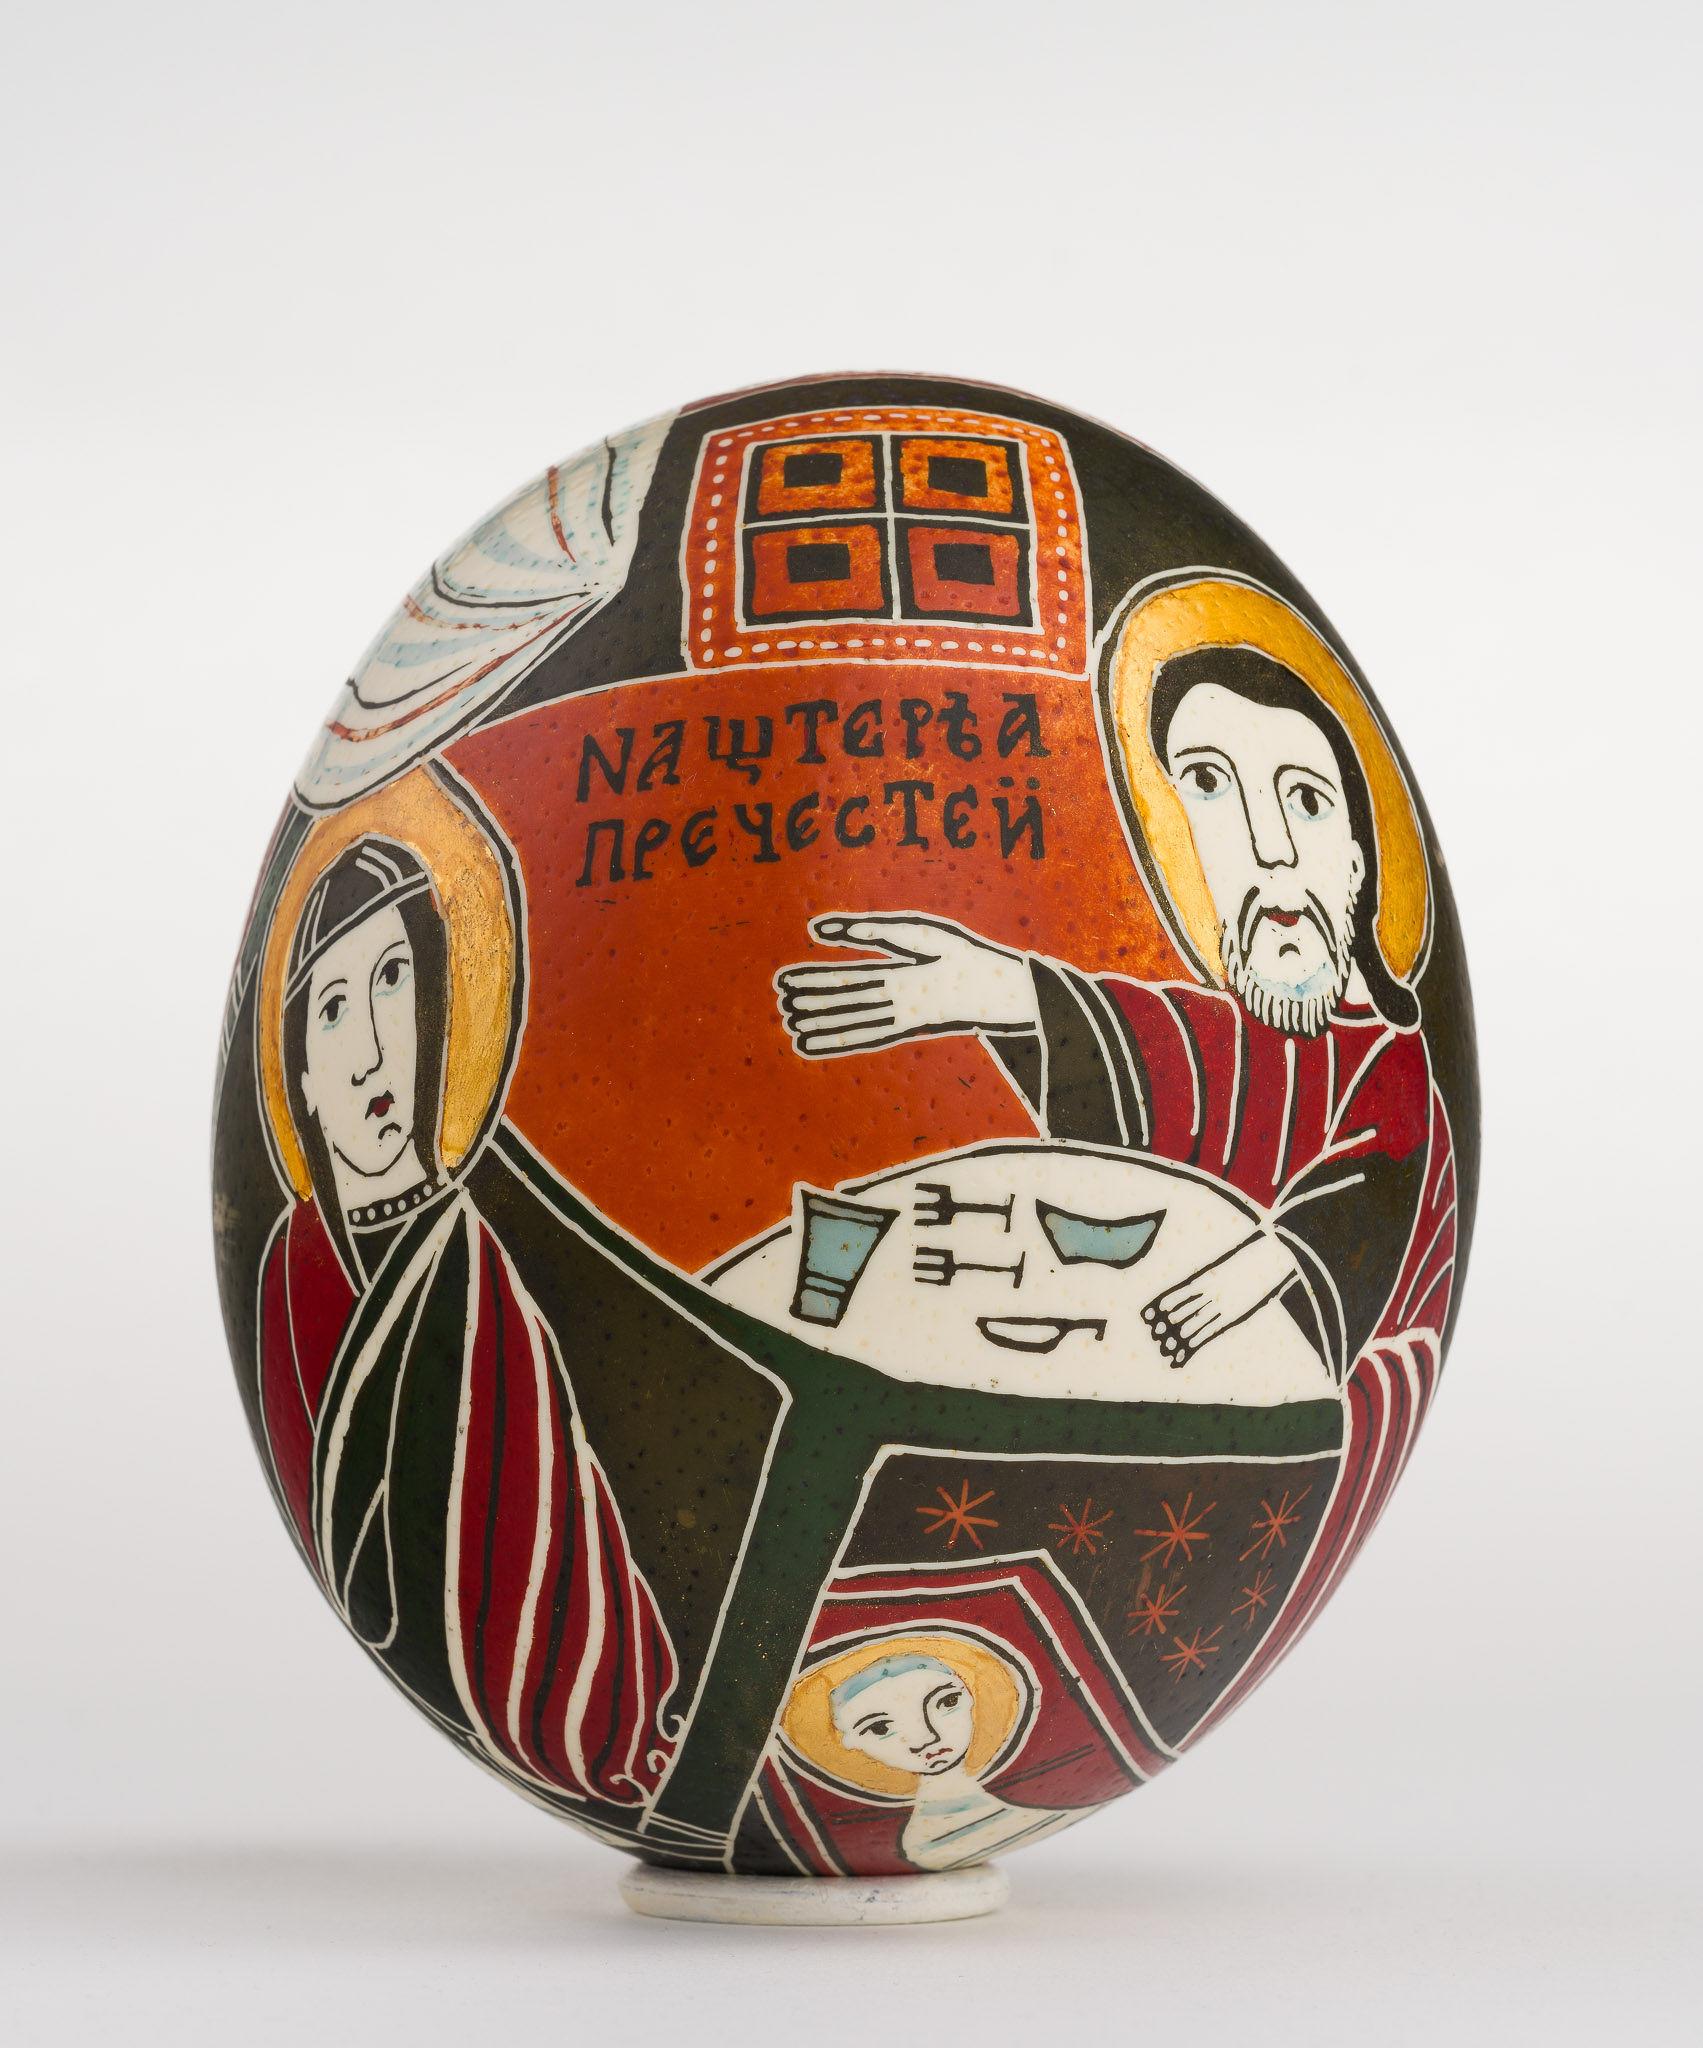 Icoană încondeiată pe ou de struț - Nașterea Precistei - maryando-109.jpg